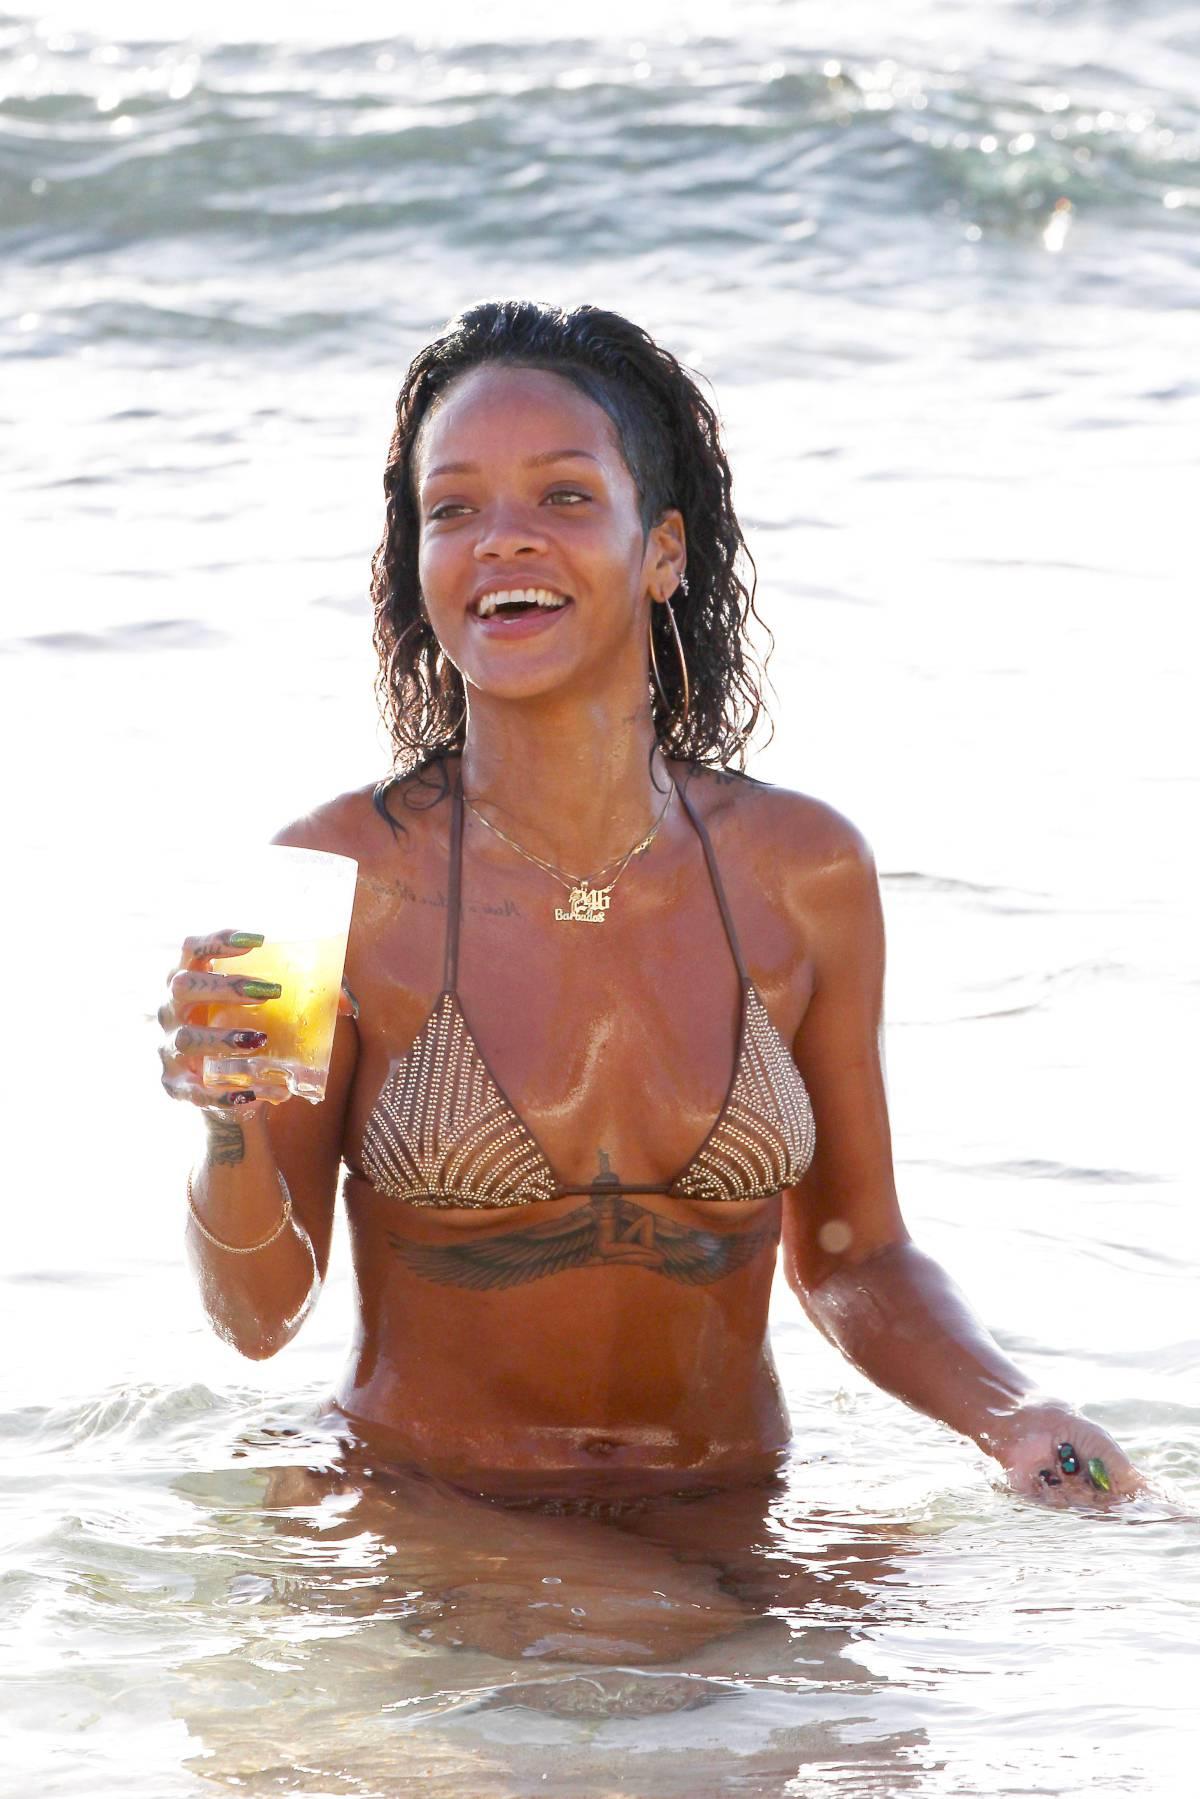 351979197_Rihanna_Bikini_291213_ReSiDuO22_123_179lo.jpg